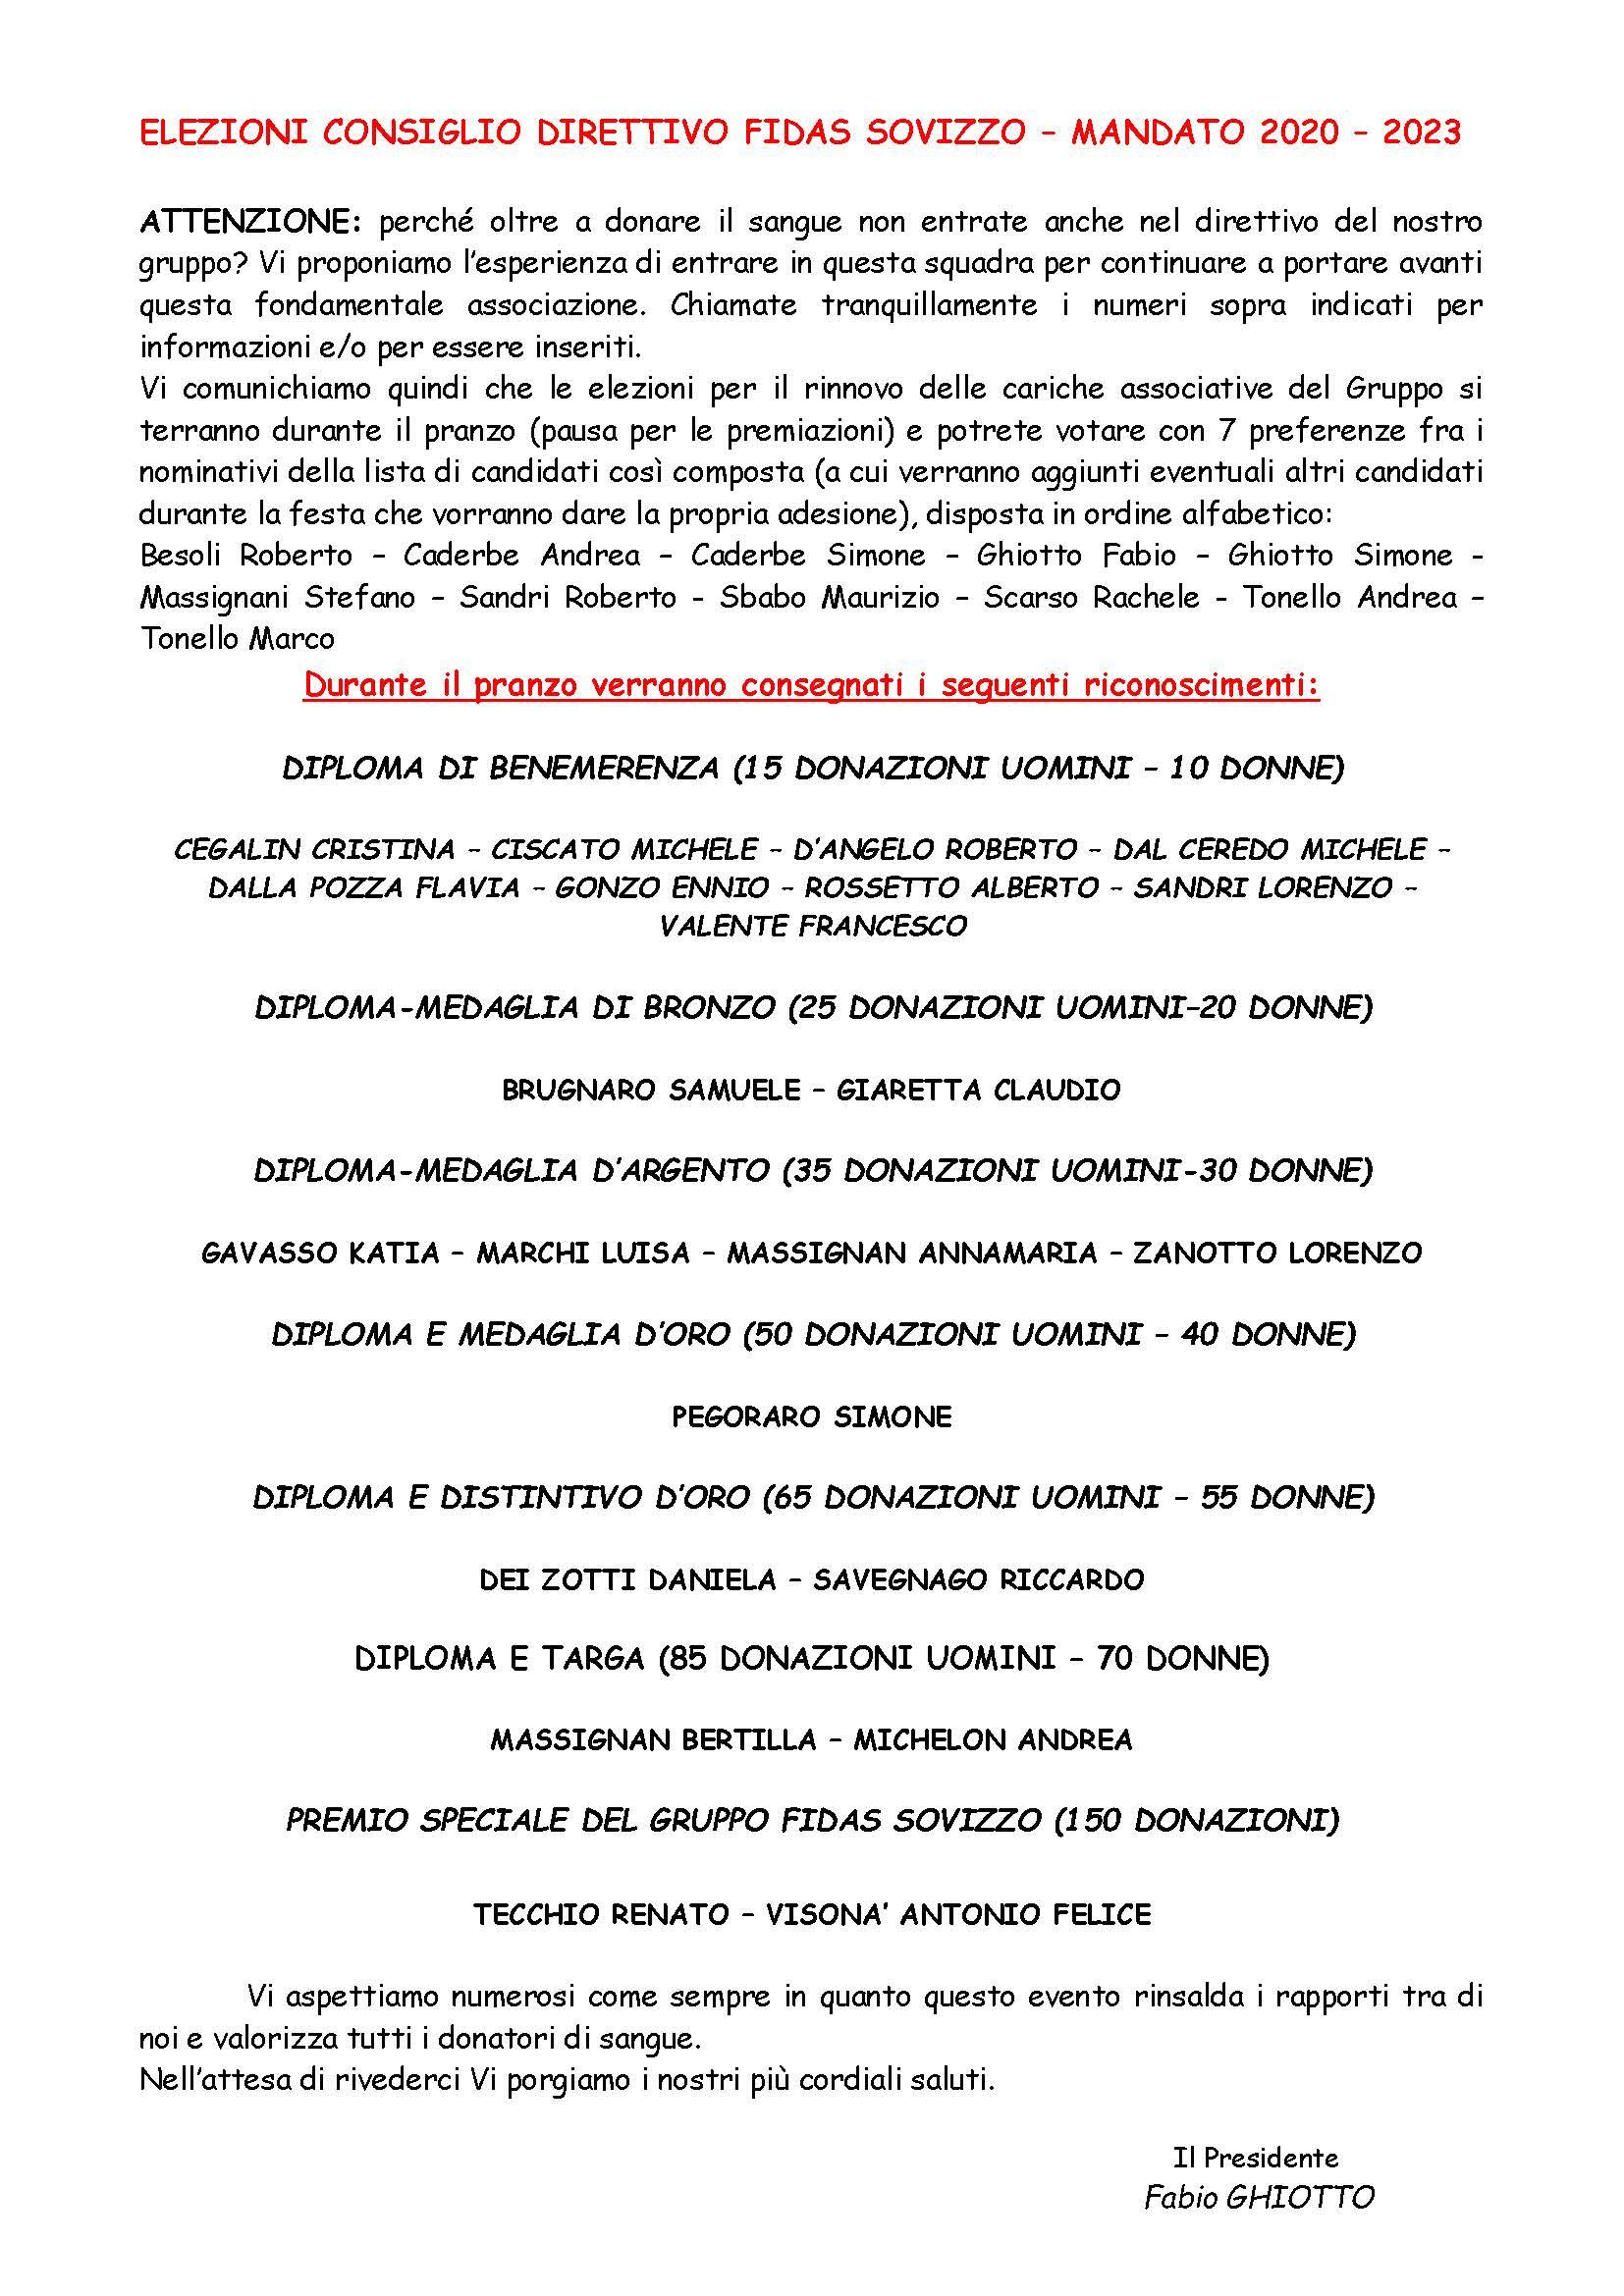 Circolare Festa Fidas Sovizzo_Pagina_2